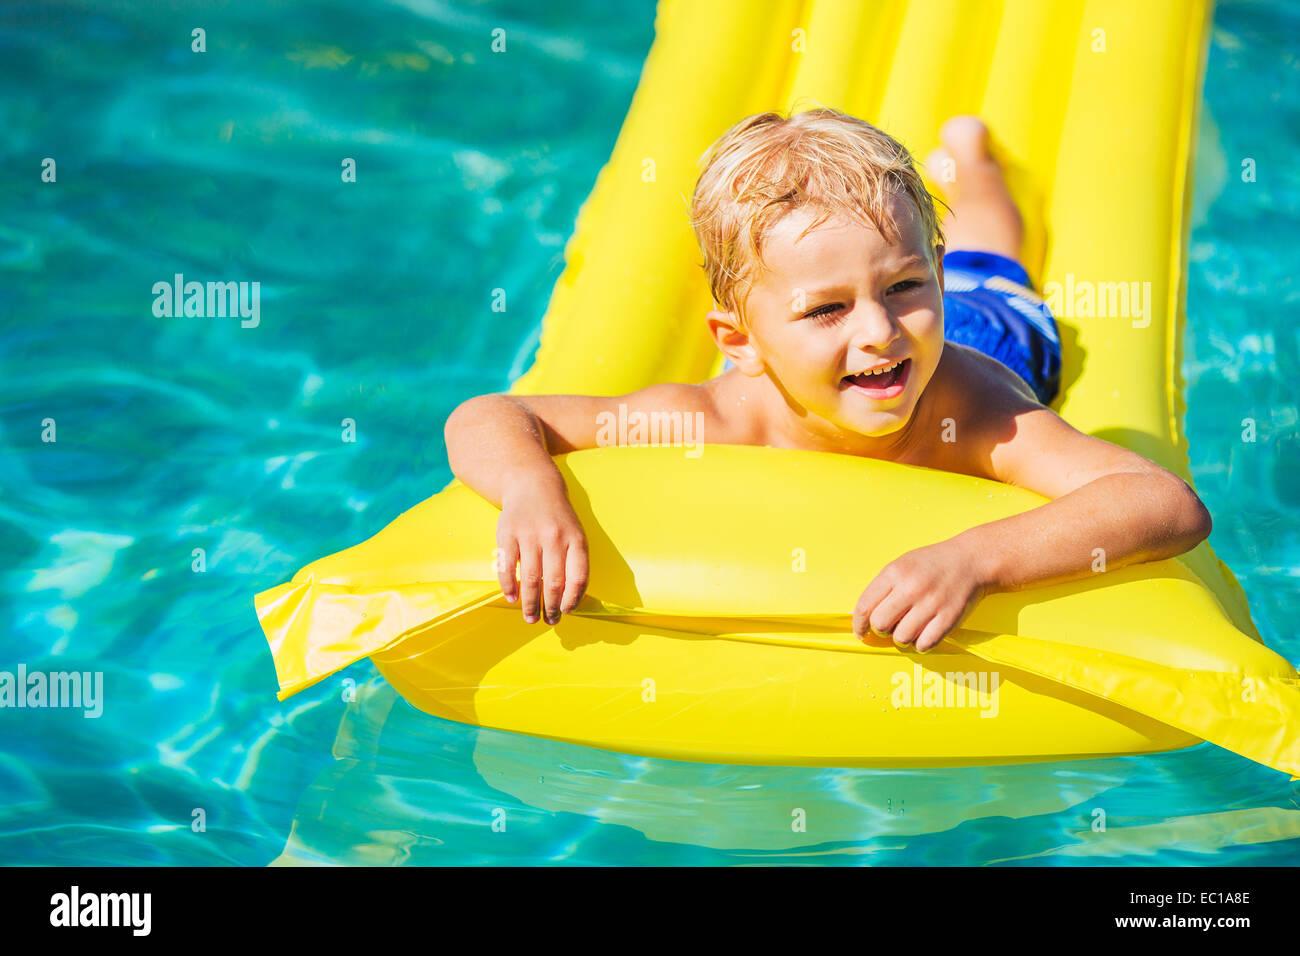 Jeune garçon se détendre et s'amuser dans la piscine sur radeau jaune. Plaisir de vacances d'été. Photo Stock